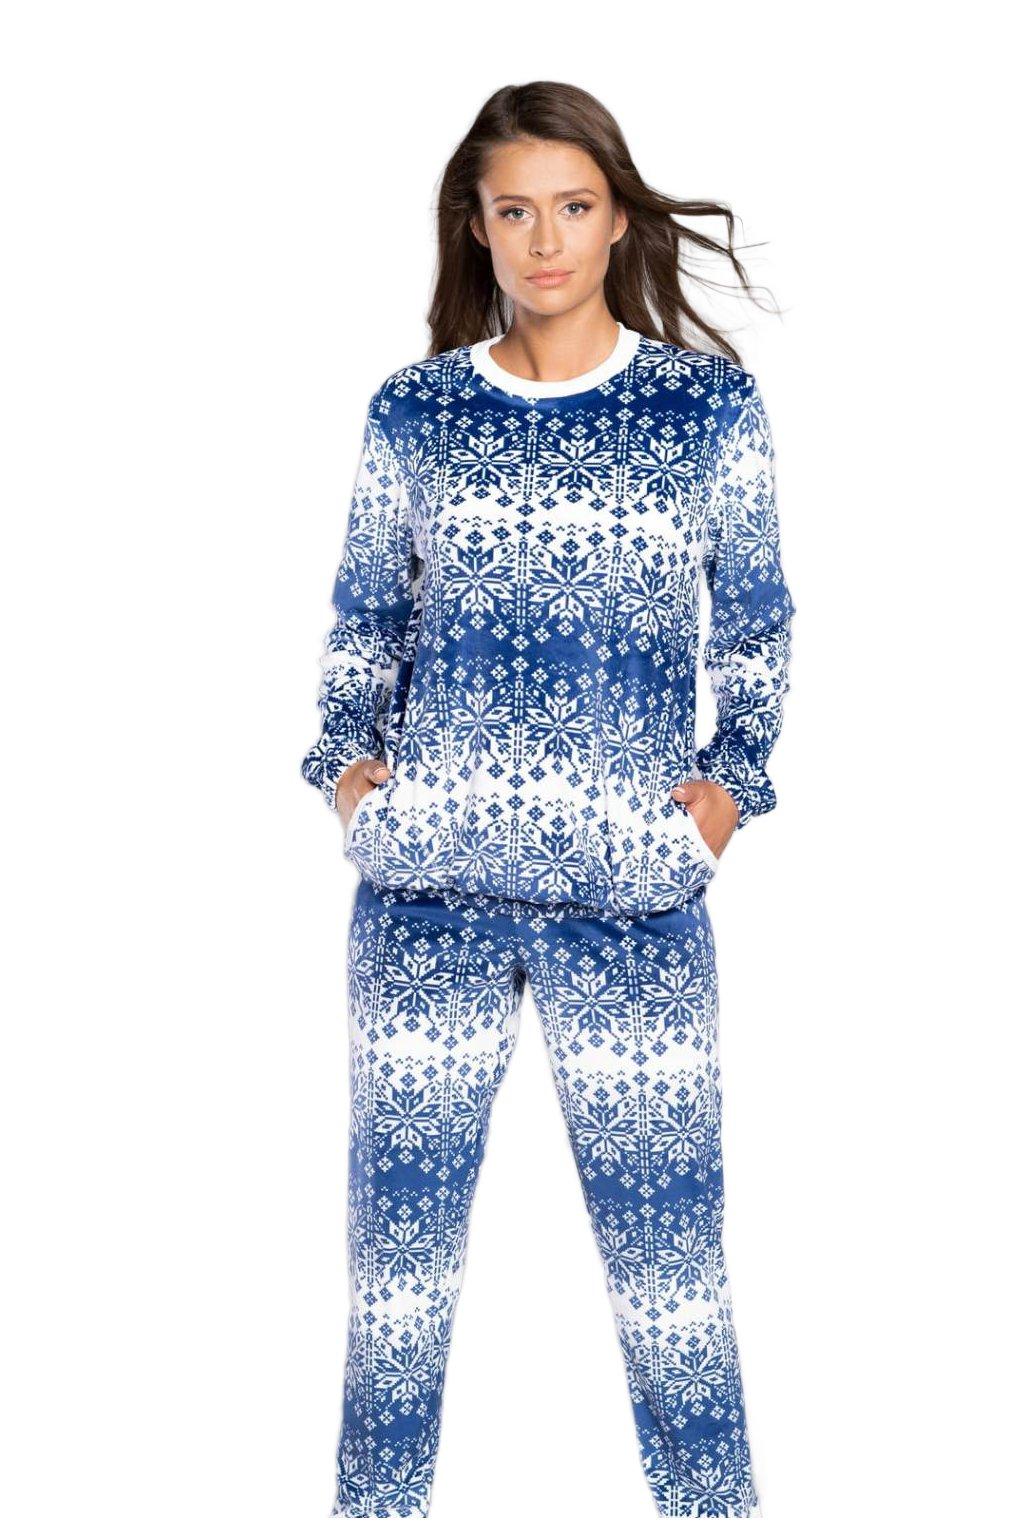 Domácí dámský komplet Italian Fashion Snow blue